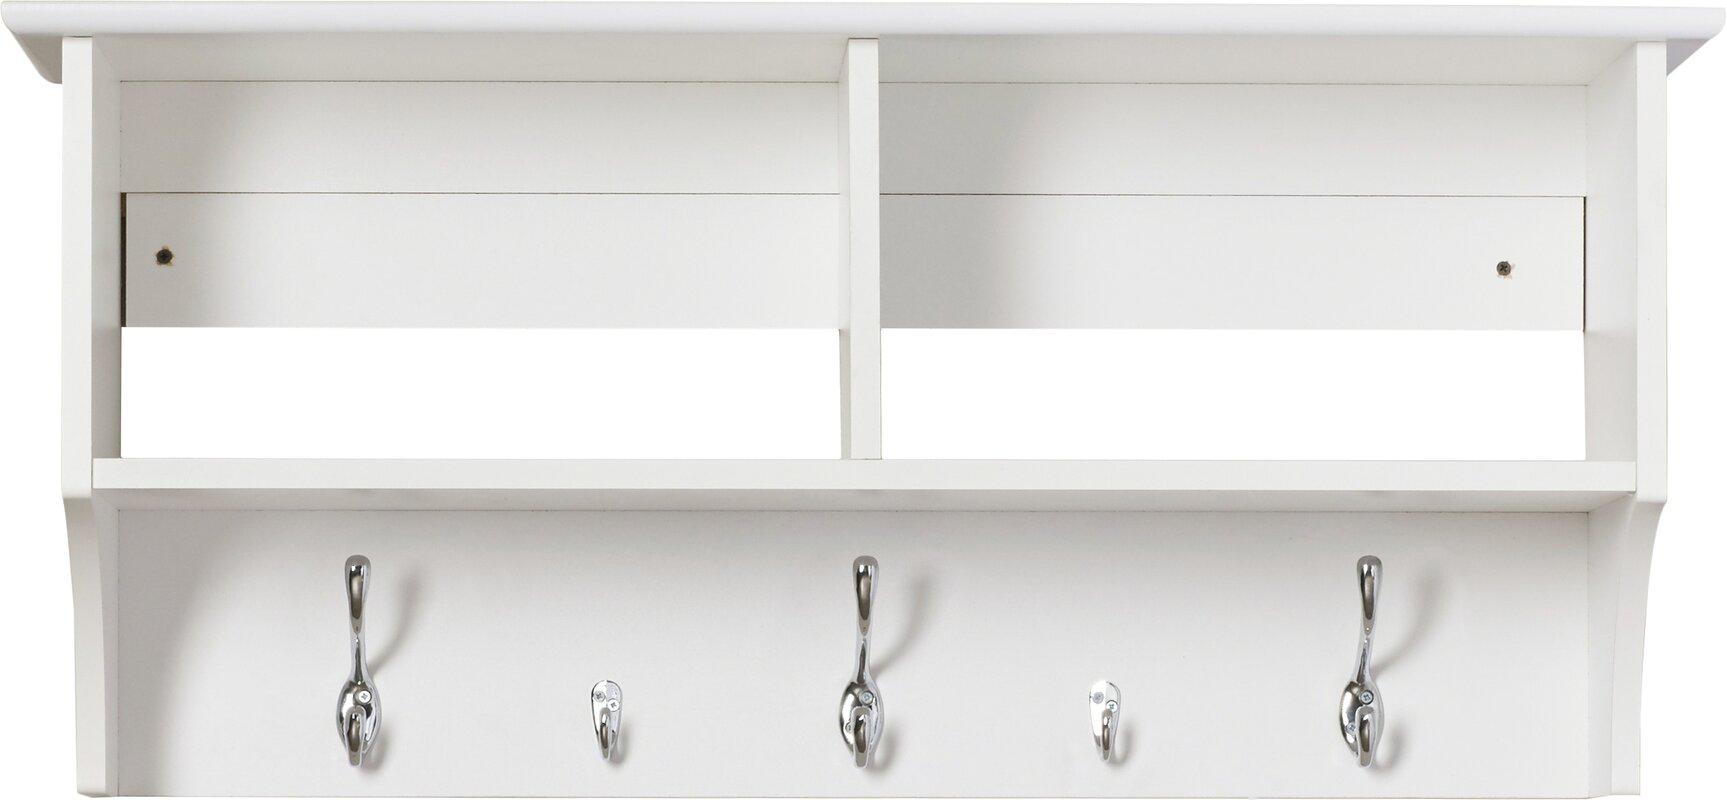 three posts wood wall mounted coat rack  reviews  wayfair - defaultname